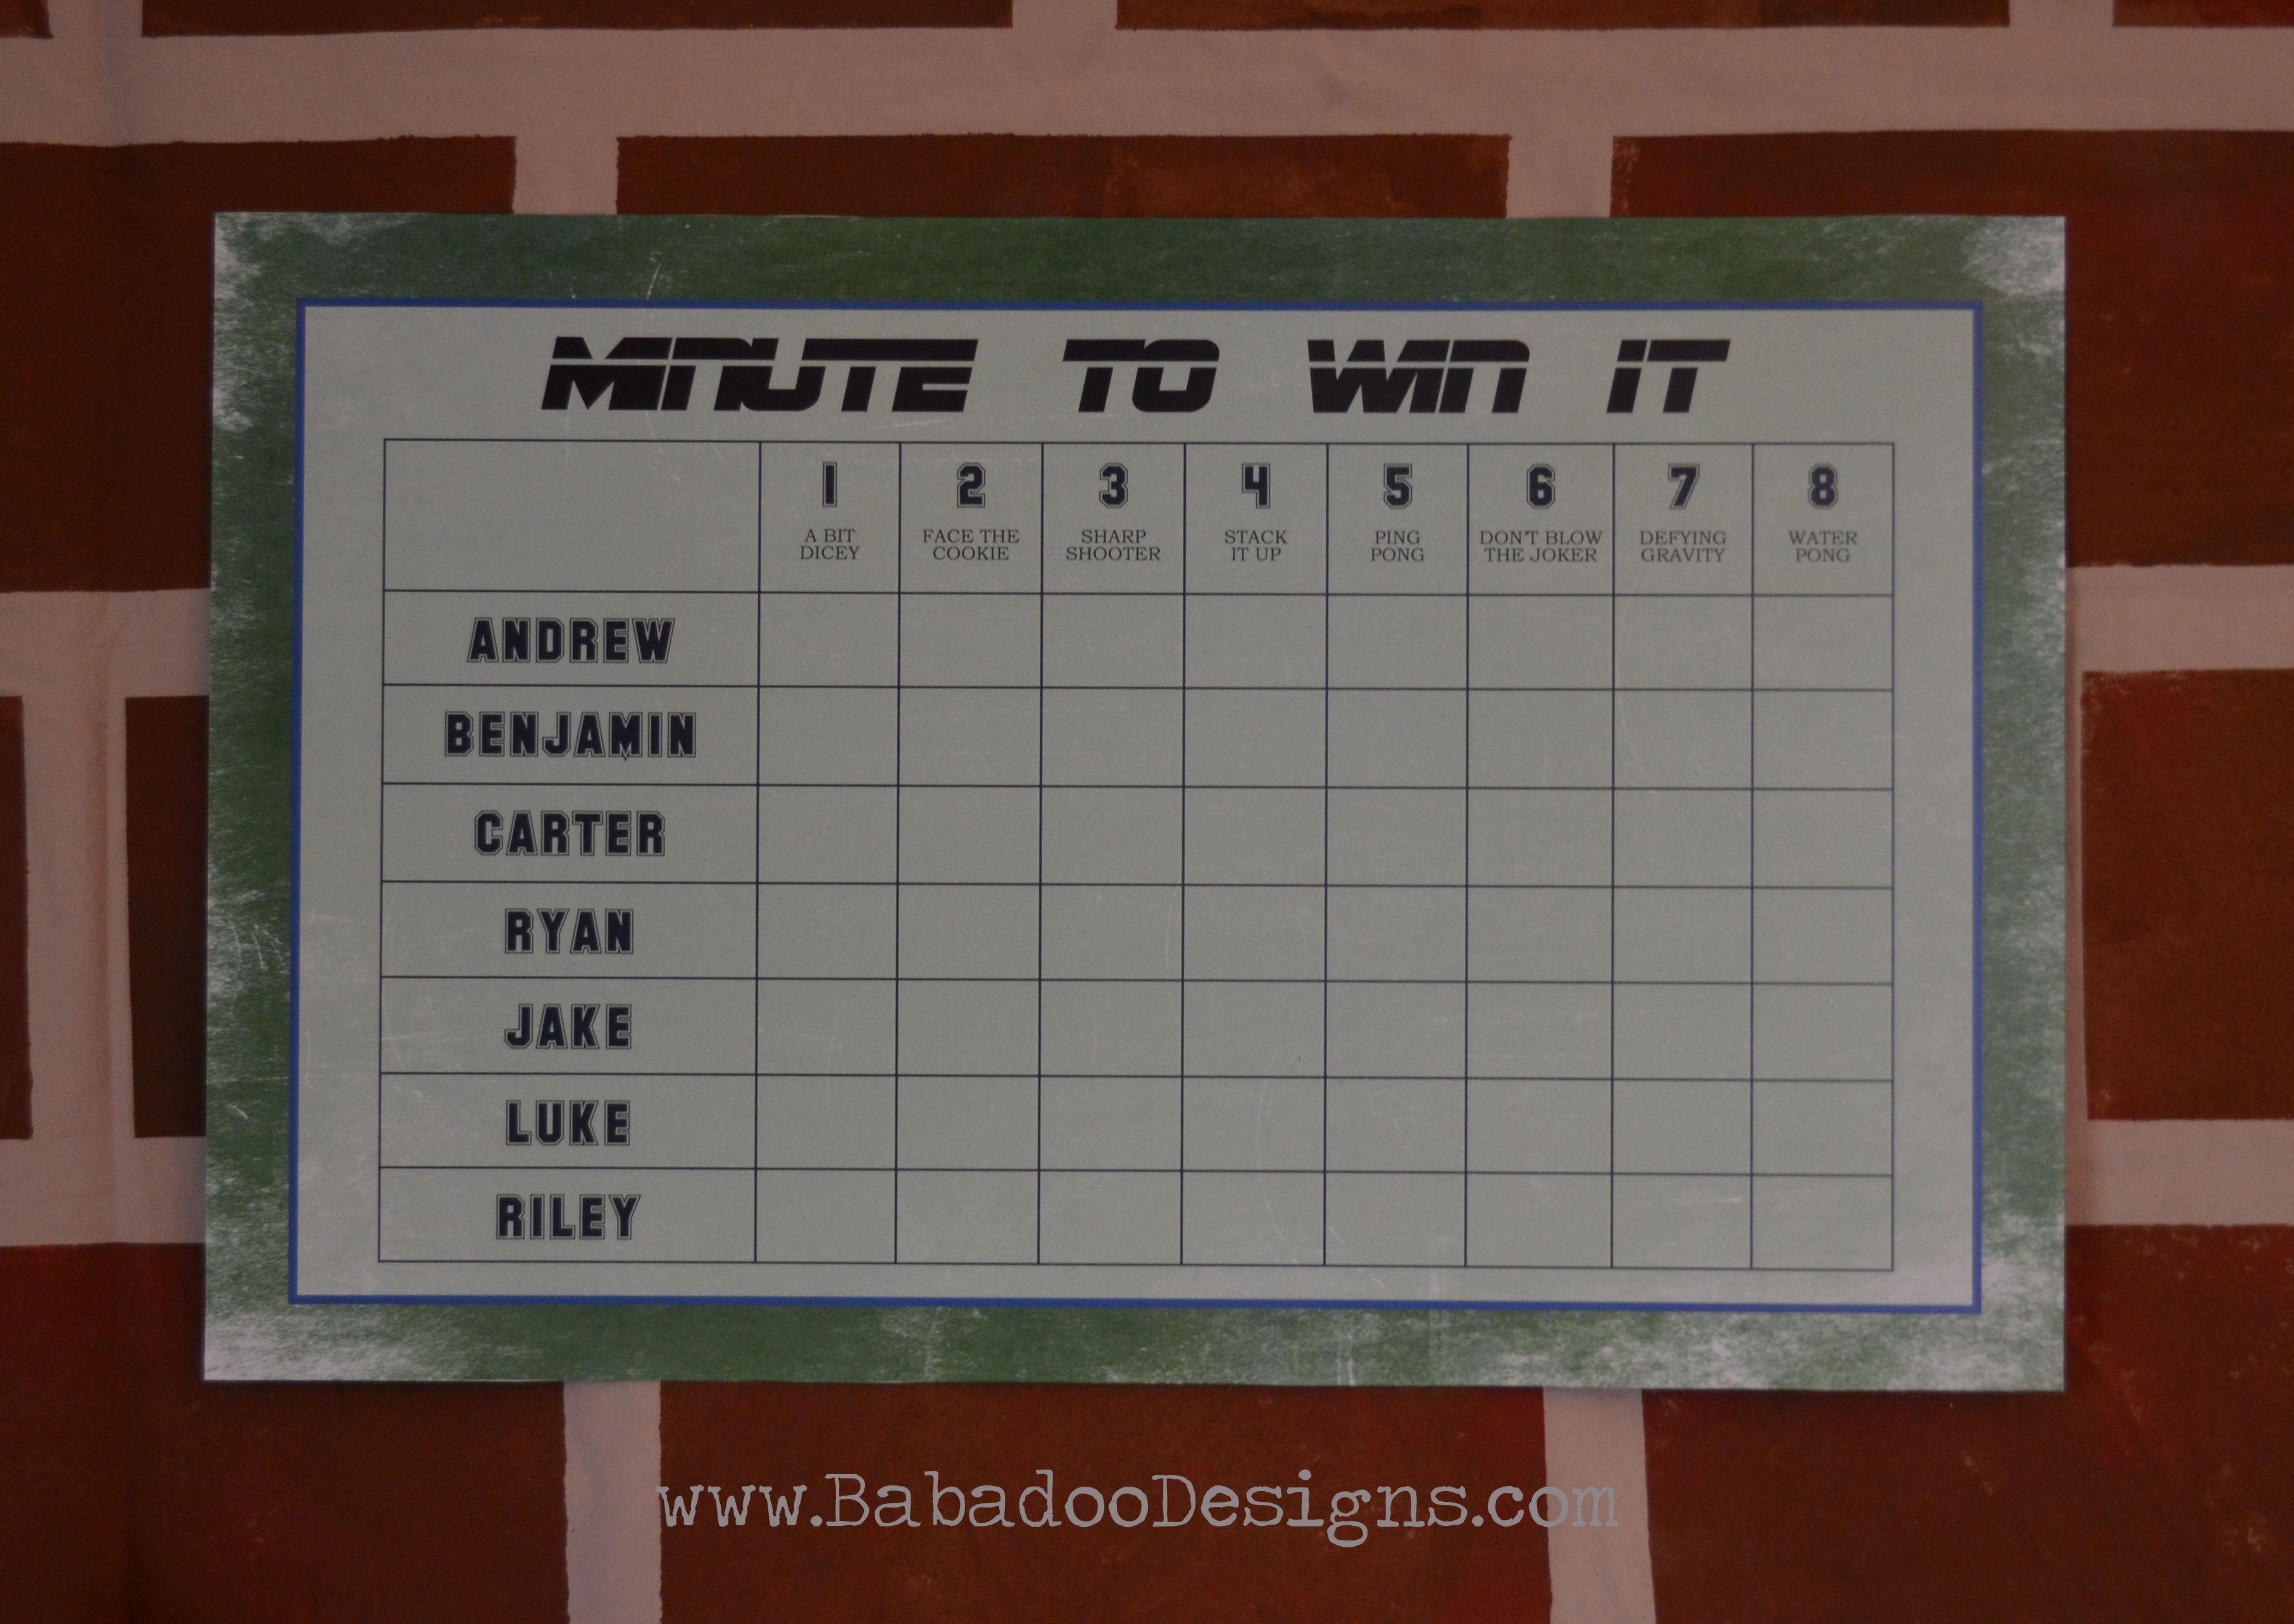 Minute To Win It Scoreboard